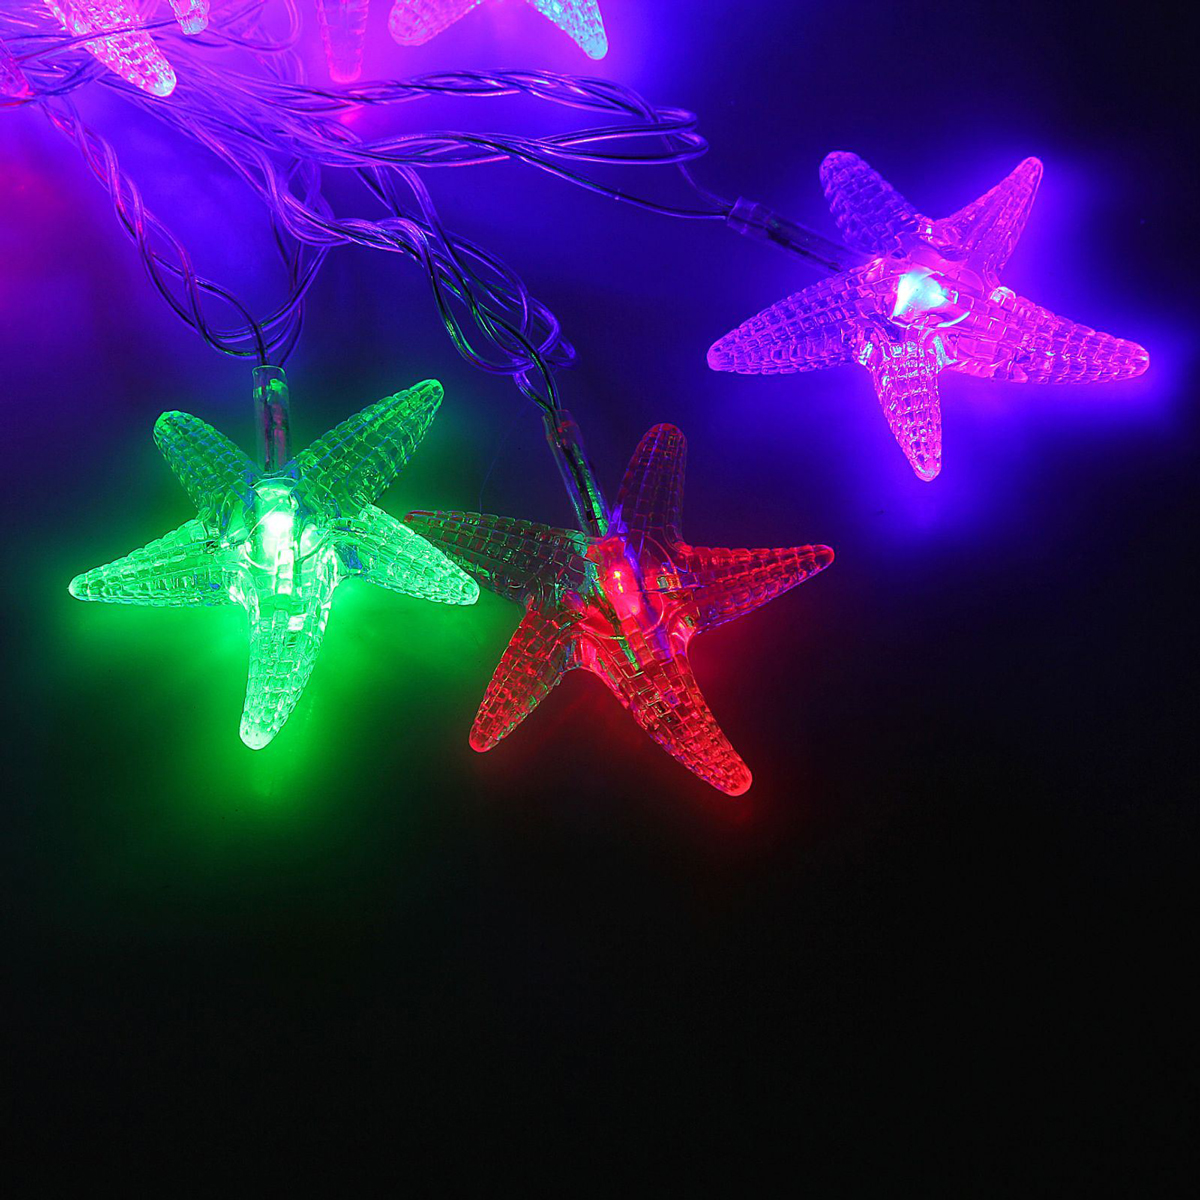 Гирлянда светодиодная Luazon Метраж. Морская звезда, 20 ламп, 220 V, длина 5 м1080388Светодиодные гирлянды и ленты — это отличный вариант для новогоднего оформления интерьера или фасада. С их помощью помещение любого размера можно превратить в праздничный зал, а внешние элементы зданий, украшенные ими, мгновенно станут напоминать очертания сказочного дворца. Такие украшения создают ауру предвкушения чуда. Деревья, фасады, витрины, окна и арки будто специально созданы, чтобы вы украсили их светящимися нитями.